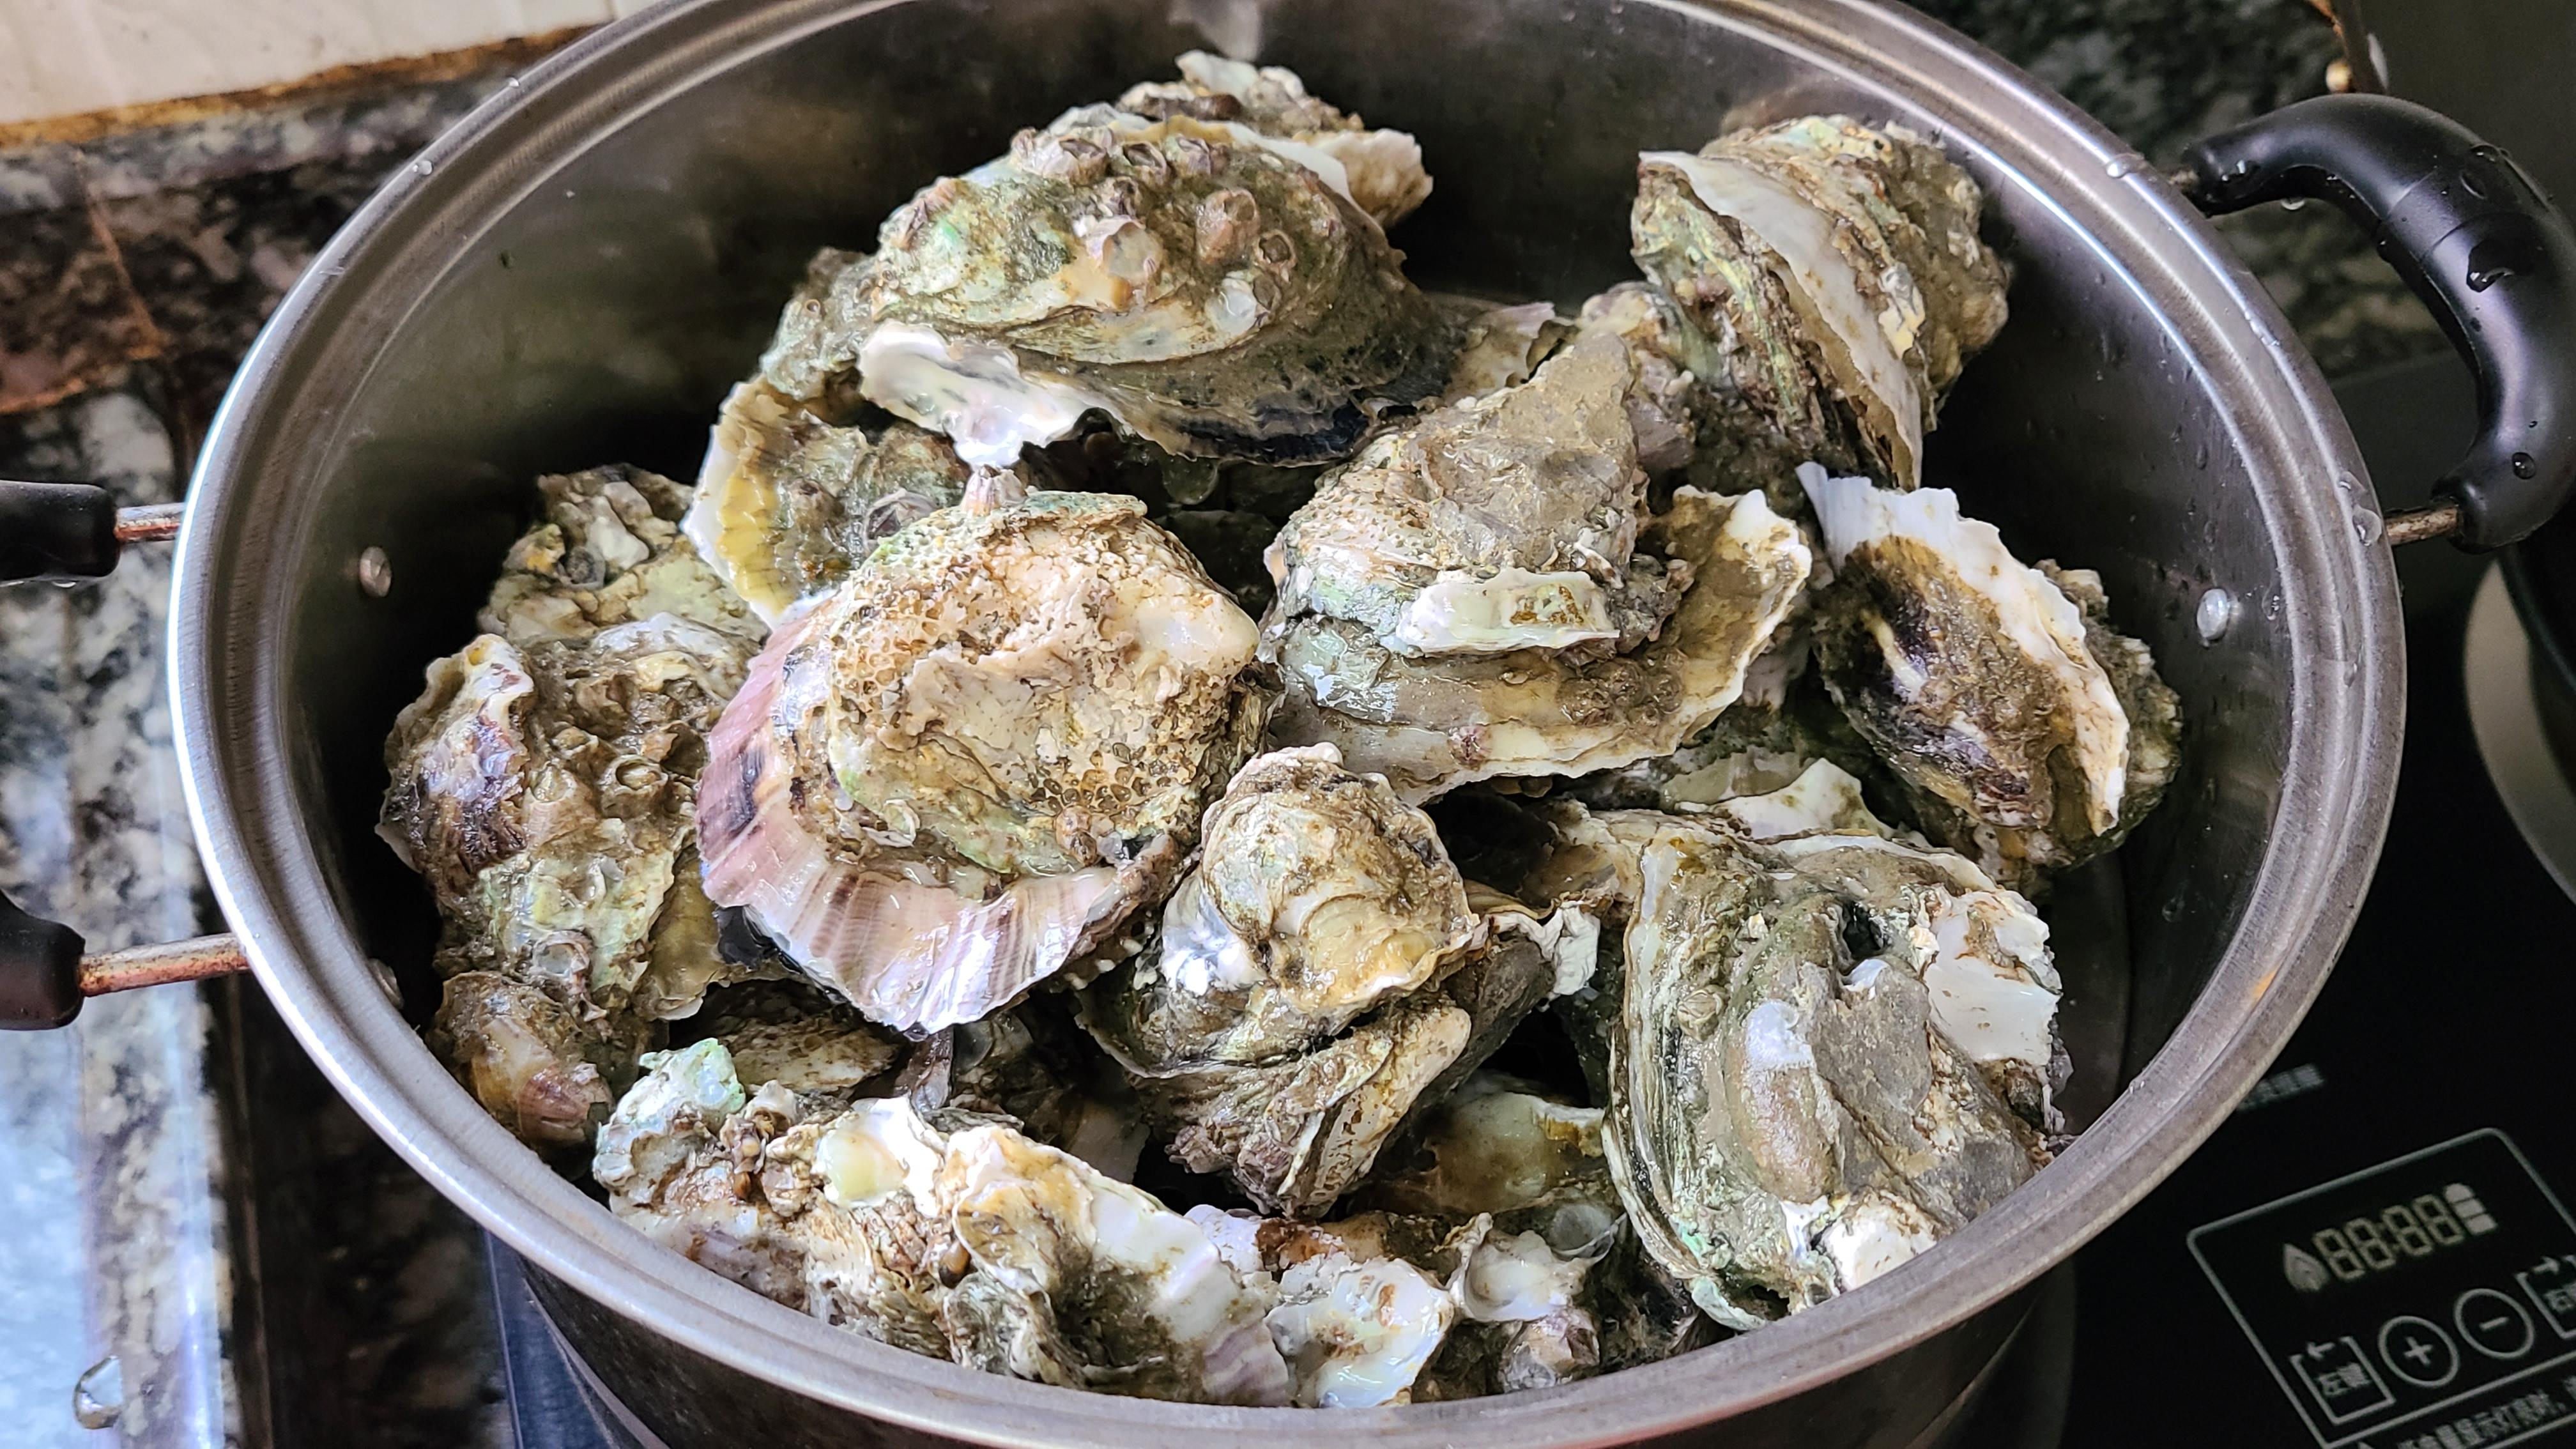 广式炒生蚝原来这么好吃,家常做法味道鲜美,看着就馋了 美食做法 第4张